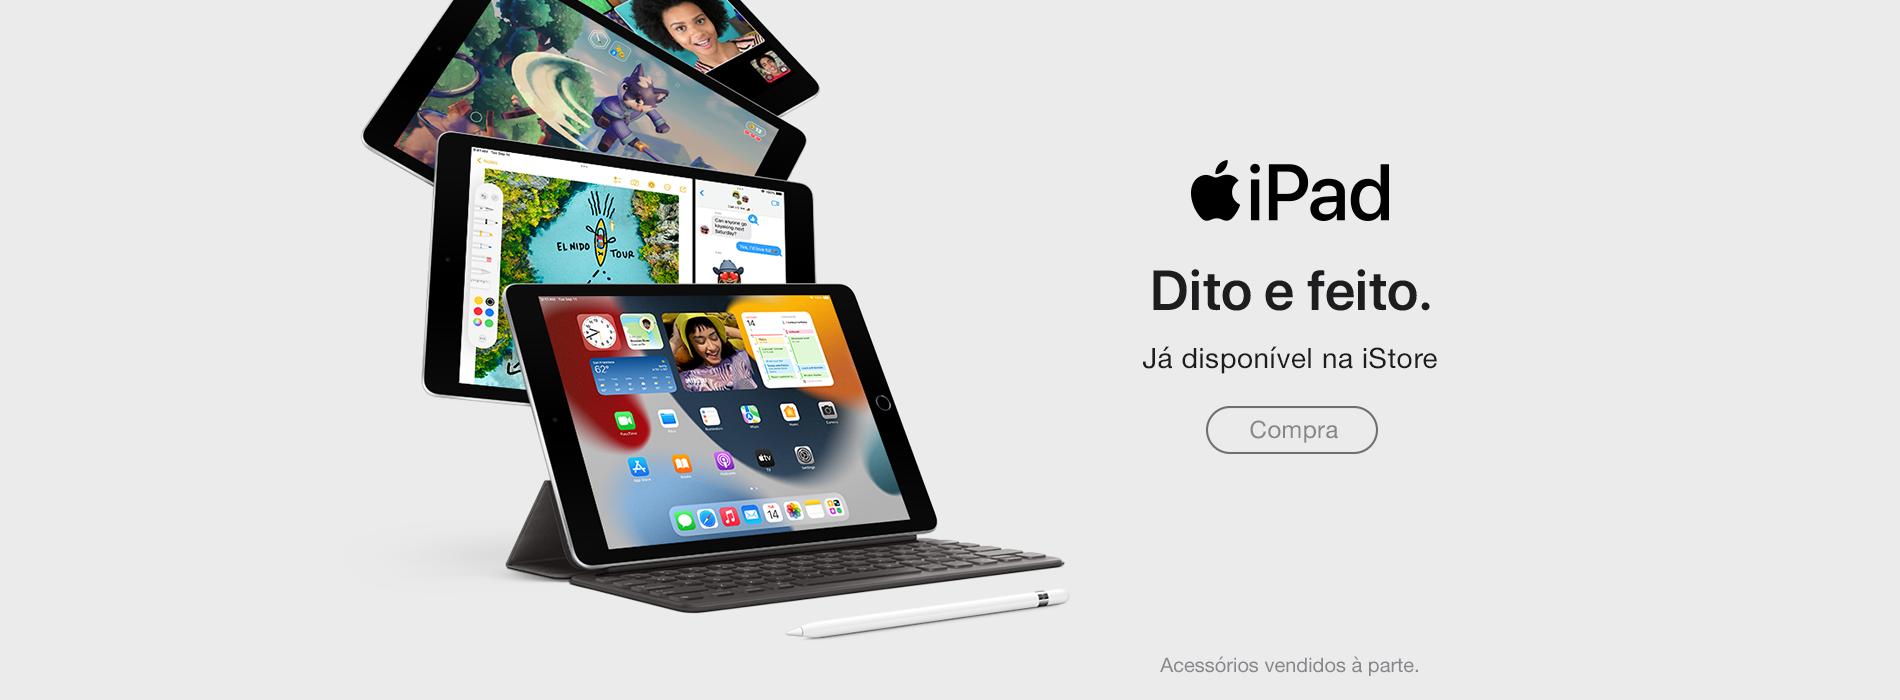 NPI - Disponível - iPad